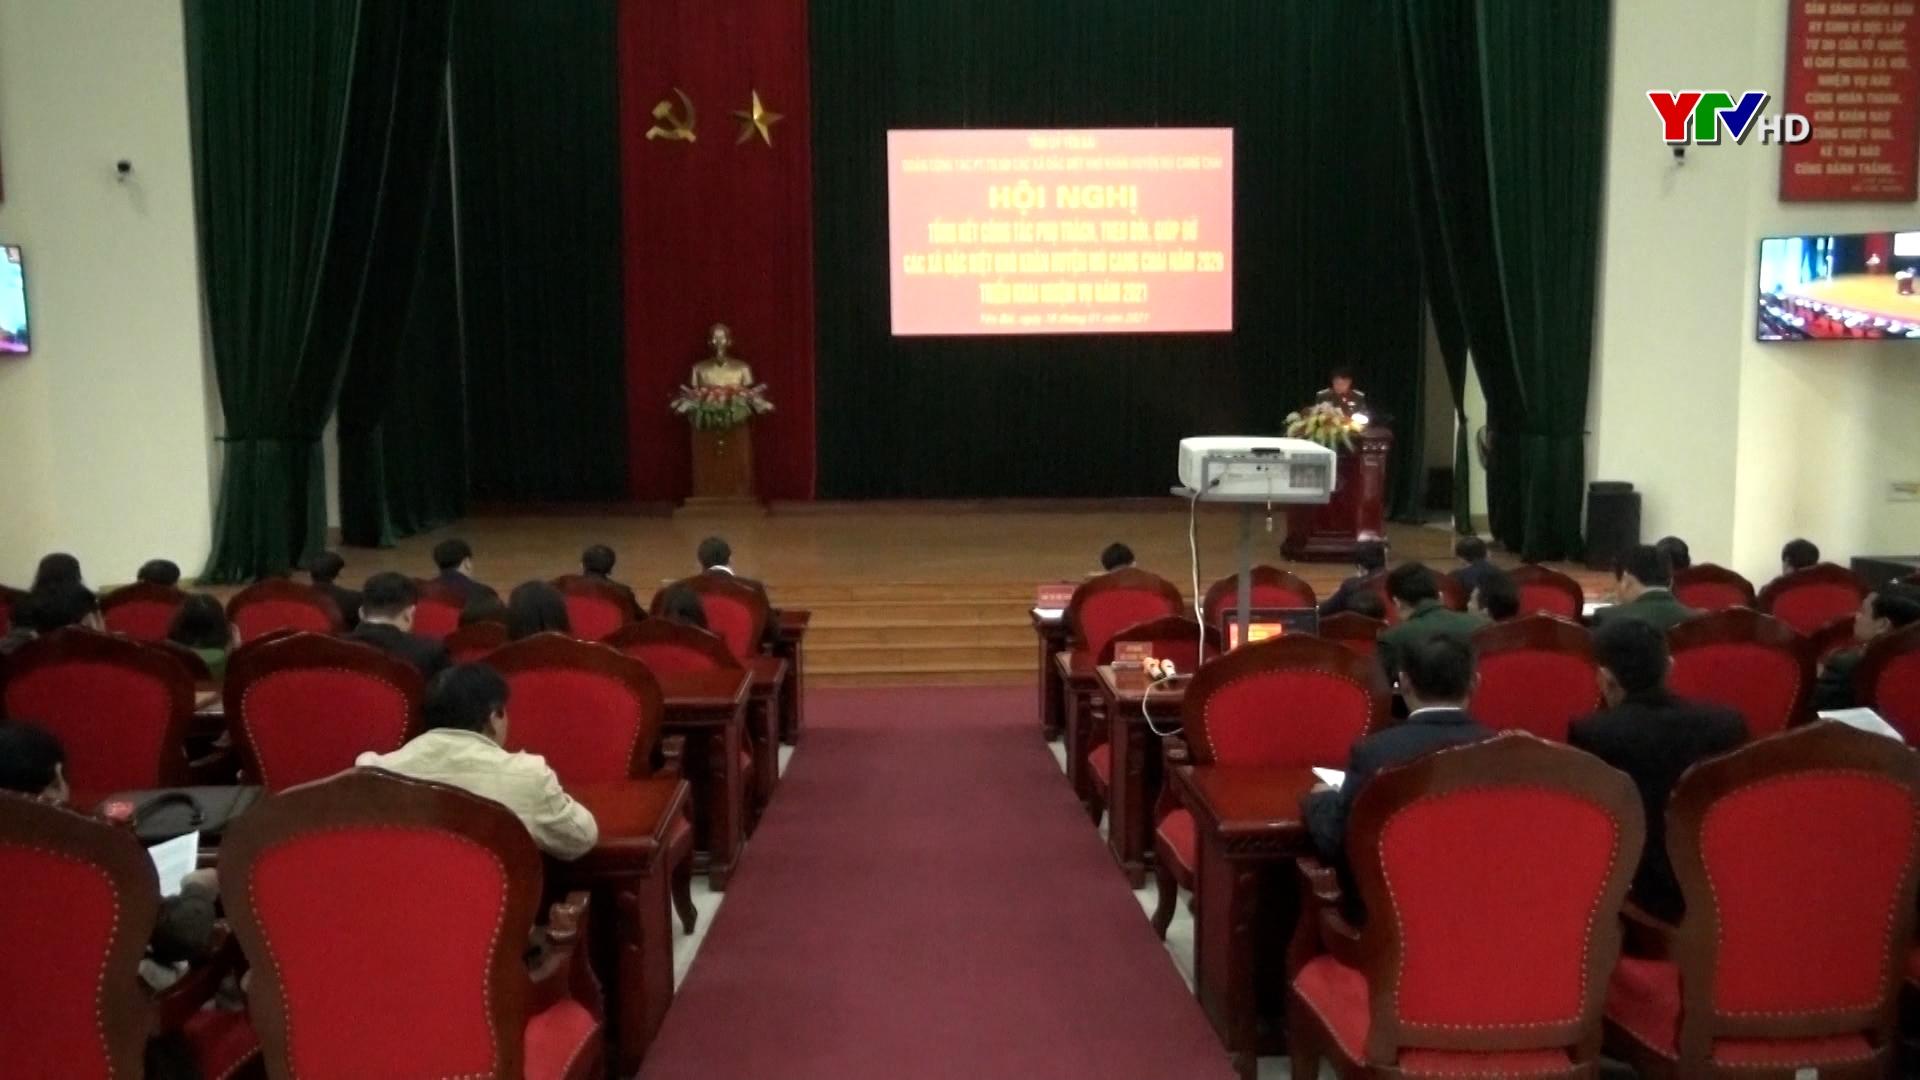 Hội nghị tổng kết công tác phụ trách, giúp đỡ các xã đặc biệt khó khăn của huyện Mù Cang Chải năm 2020